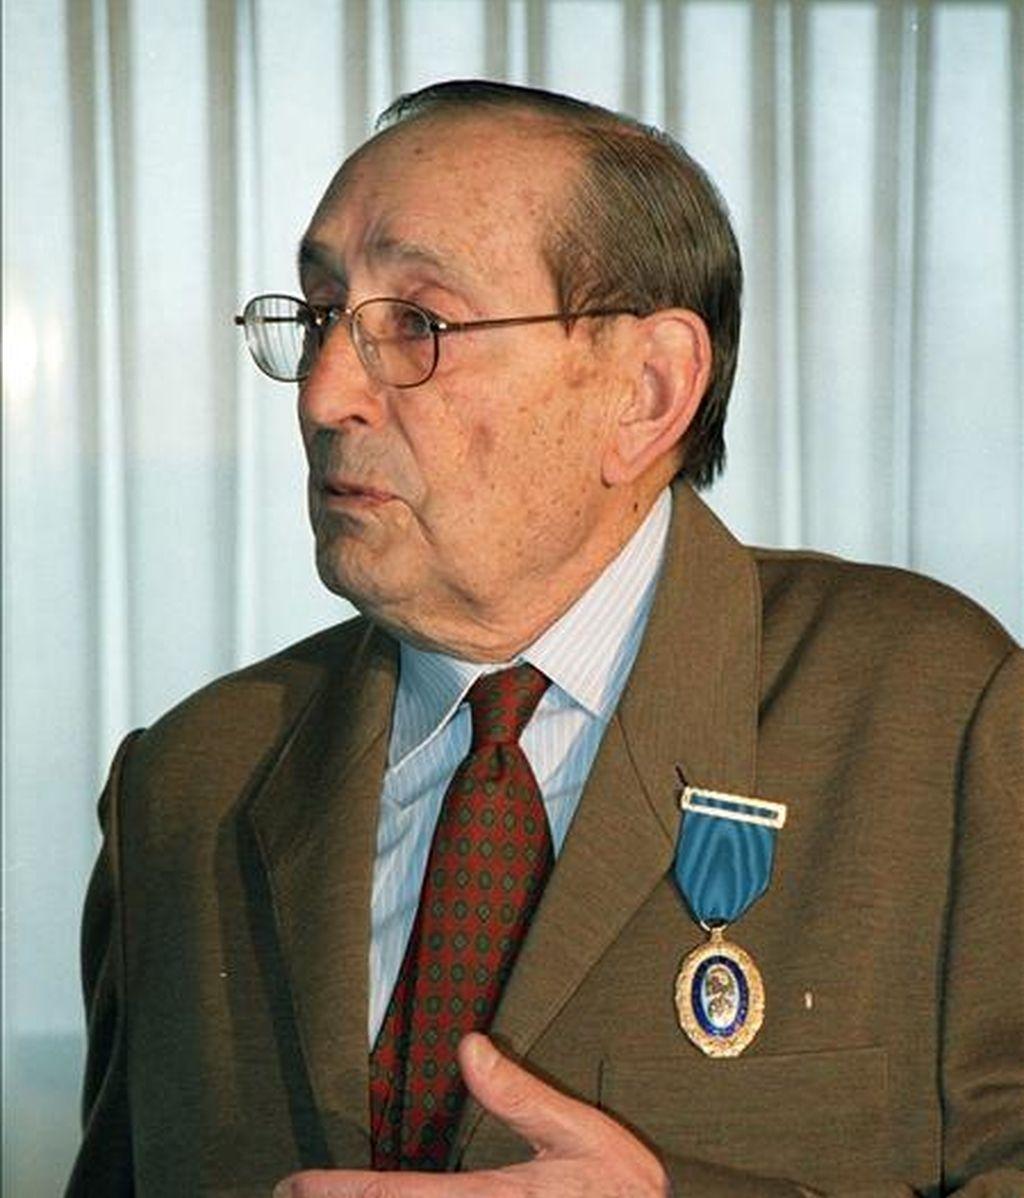 En la imagen, el escritor y periodista Miguel Delibes. EFE/Archivo